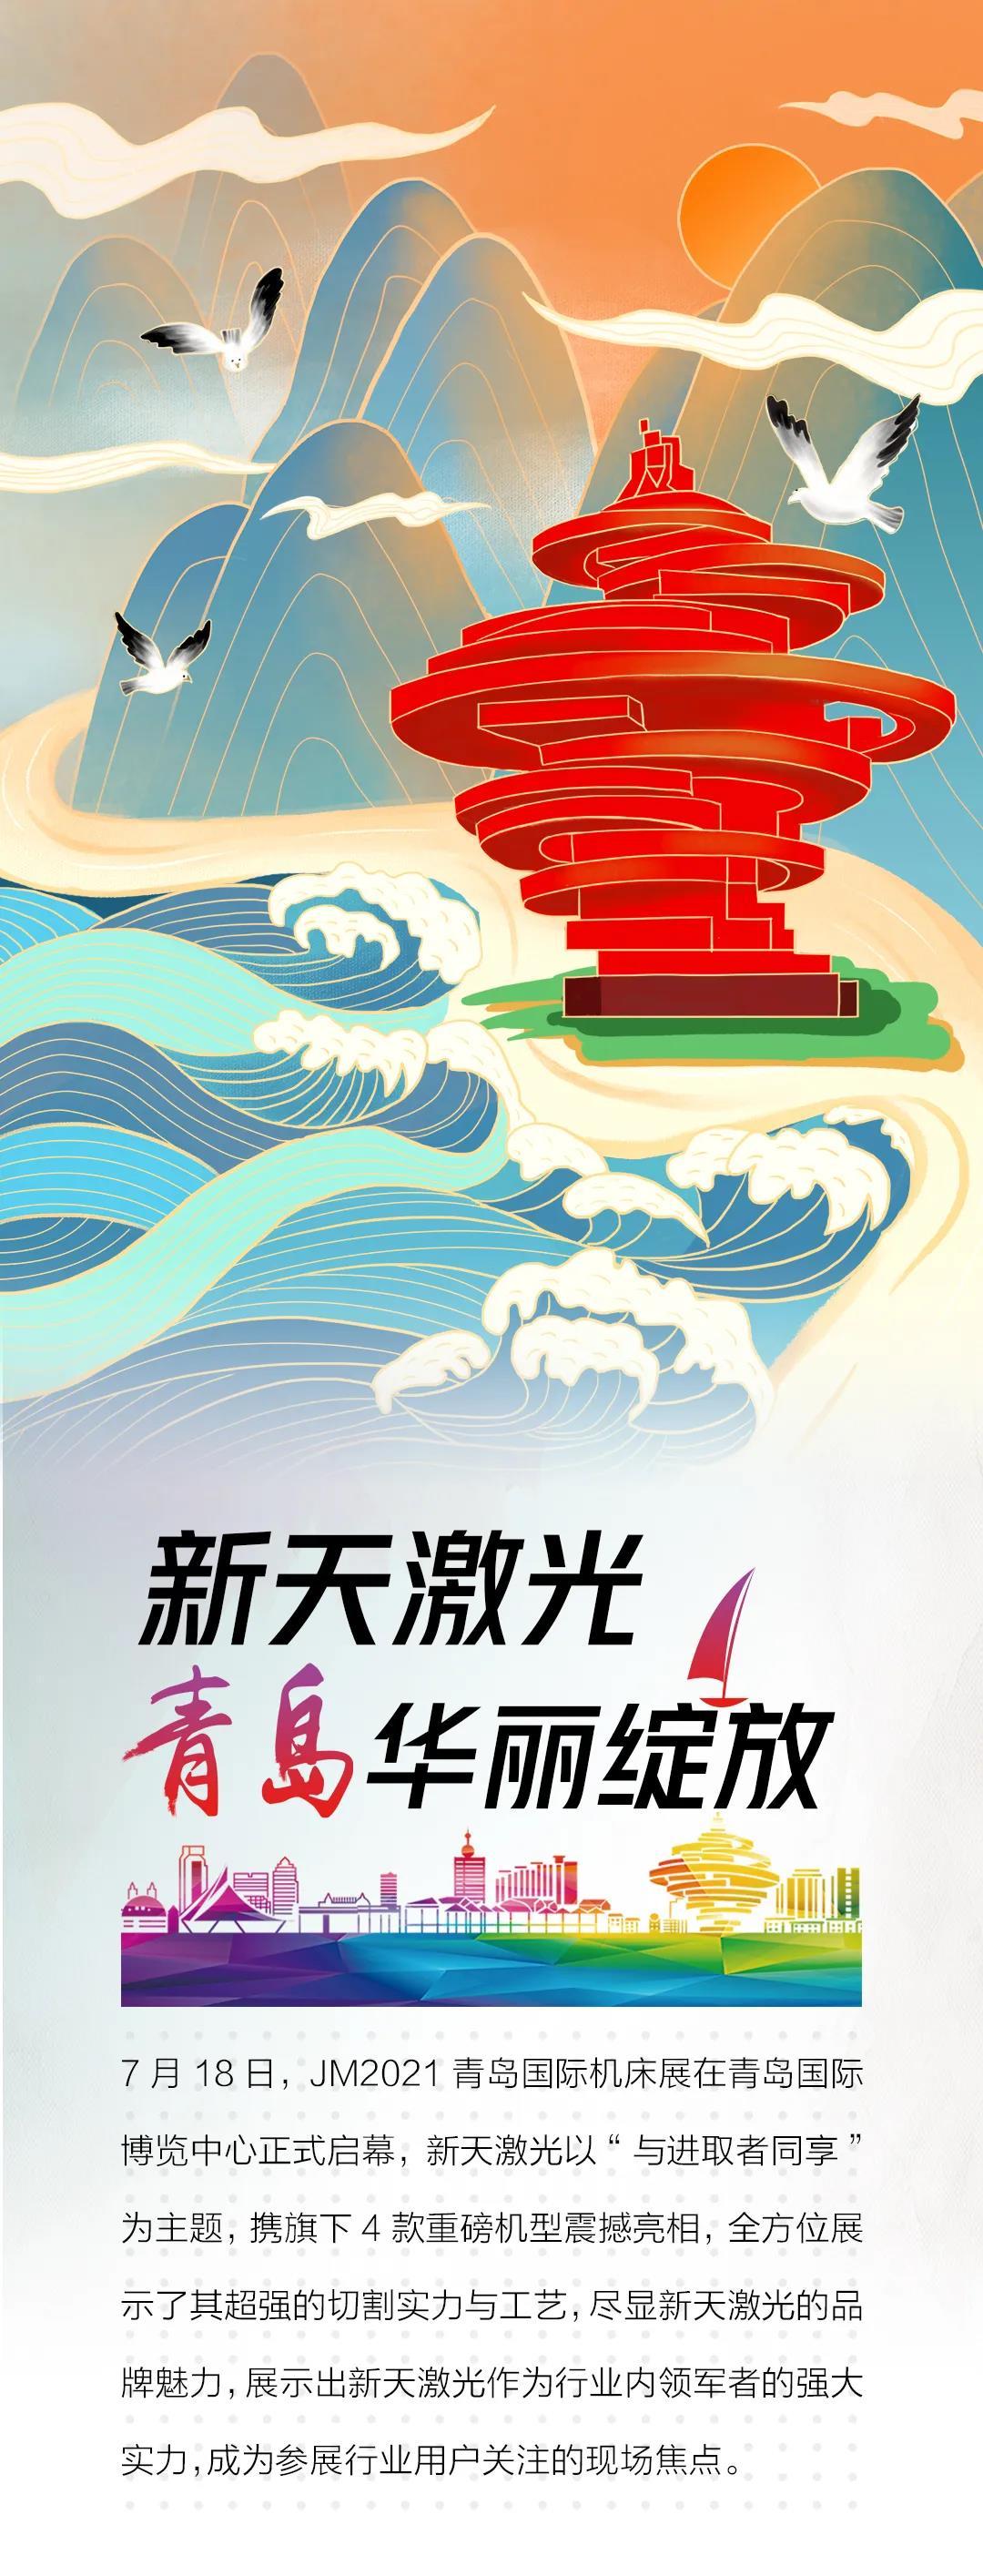 新天激光绽放(JM2021)青岛国际机床展